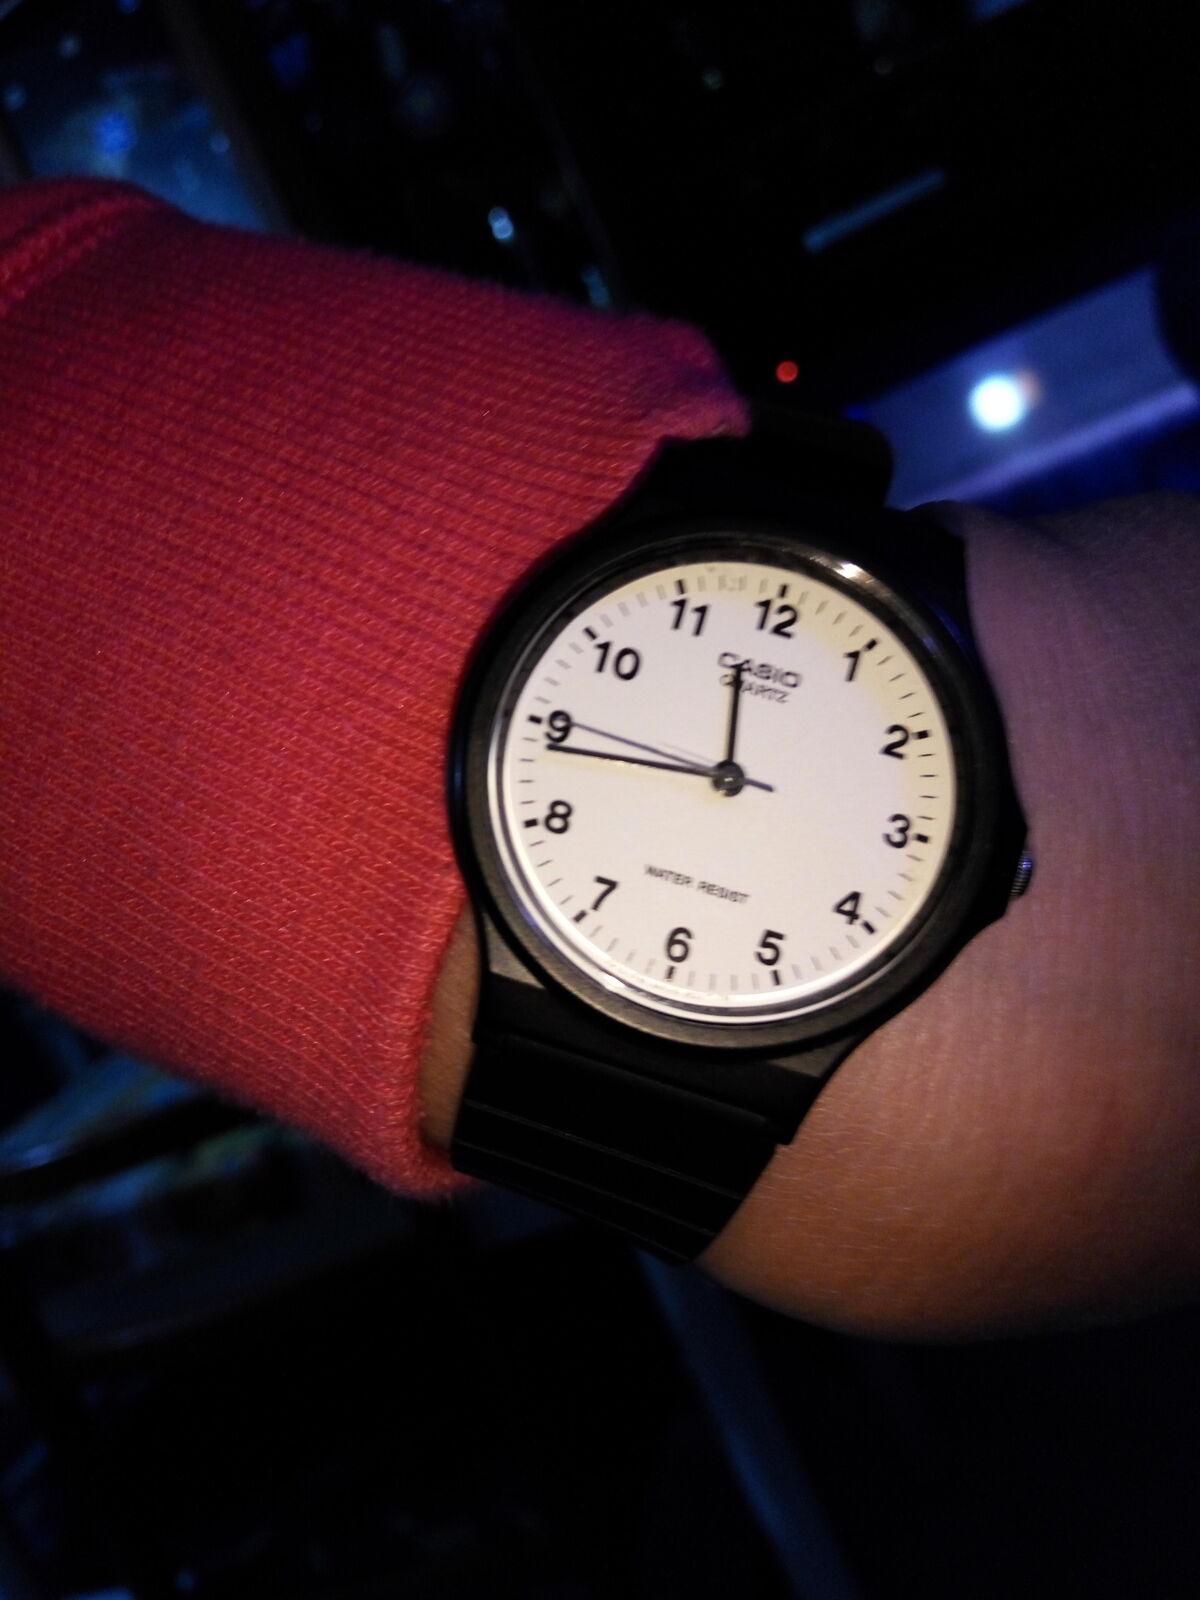 a1e4e96756fc Opiniones  Reloj-Casio-Mq-24-7bll-Analogico-negro-retro-clasico-redondo- original-nuevo